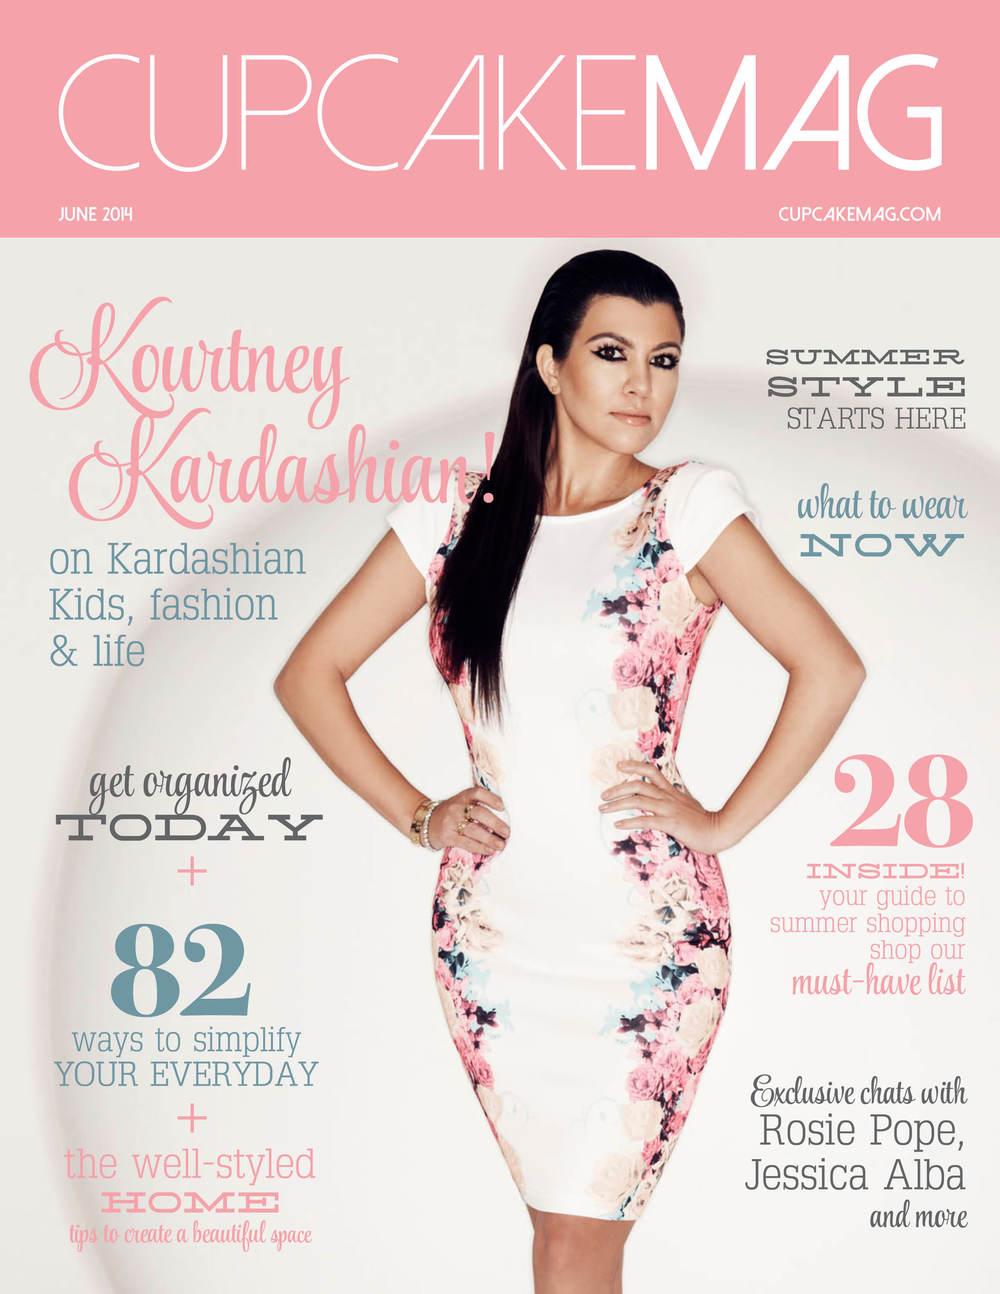 Lot801 press - Cupcake Mag